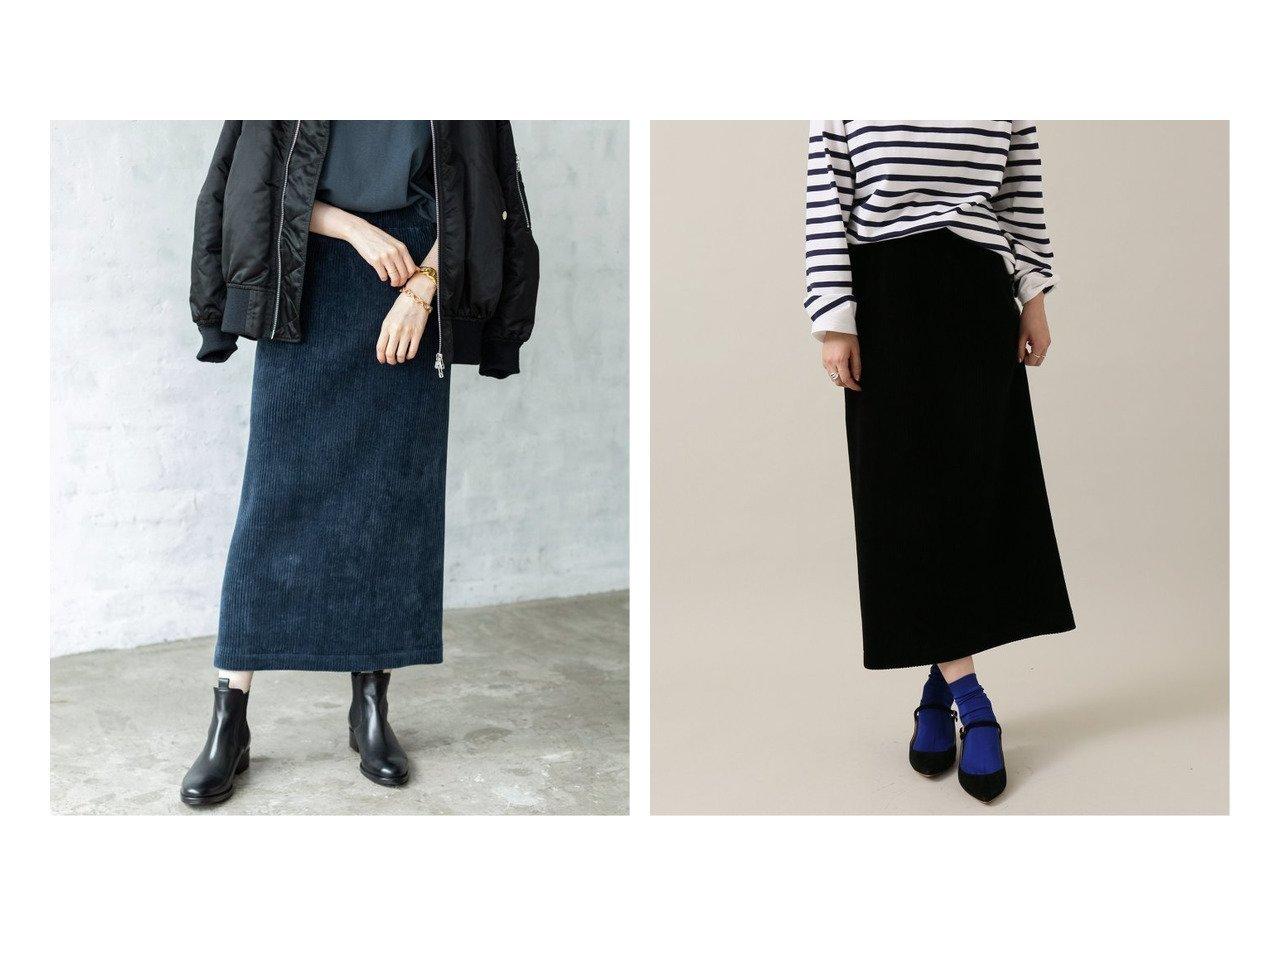 【IENA/イエナ】のコーデュロイジャージスカート 【スカート】おすすめ!人気、トレンド・レディースファッションの通販 おすすめで人気の流行・トレンド、ファッションの通販商品 インテリア・家具・メンズファッション・キッズファッション・レディースファッション・服の通販 founy(ファニー) https://founy.com/ ファッション Fashion レディースファッション WOMEN スカート Skirt 2021年 2021 2021-2022秋冬・A/W AW・Autumn/Winter・FW・Fall-Winter・2021-2022 A/W・秋冬 AW・Autumn/Winter・FW・Fall-Winter コンパクト コーデュロイ ジャージ ストレート バランス 再入荷 Restock/Back in Stock/Re Arrival |ID:crp329100000070675